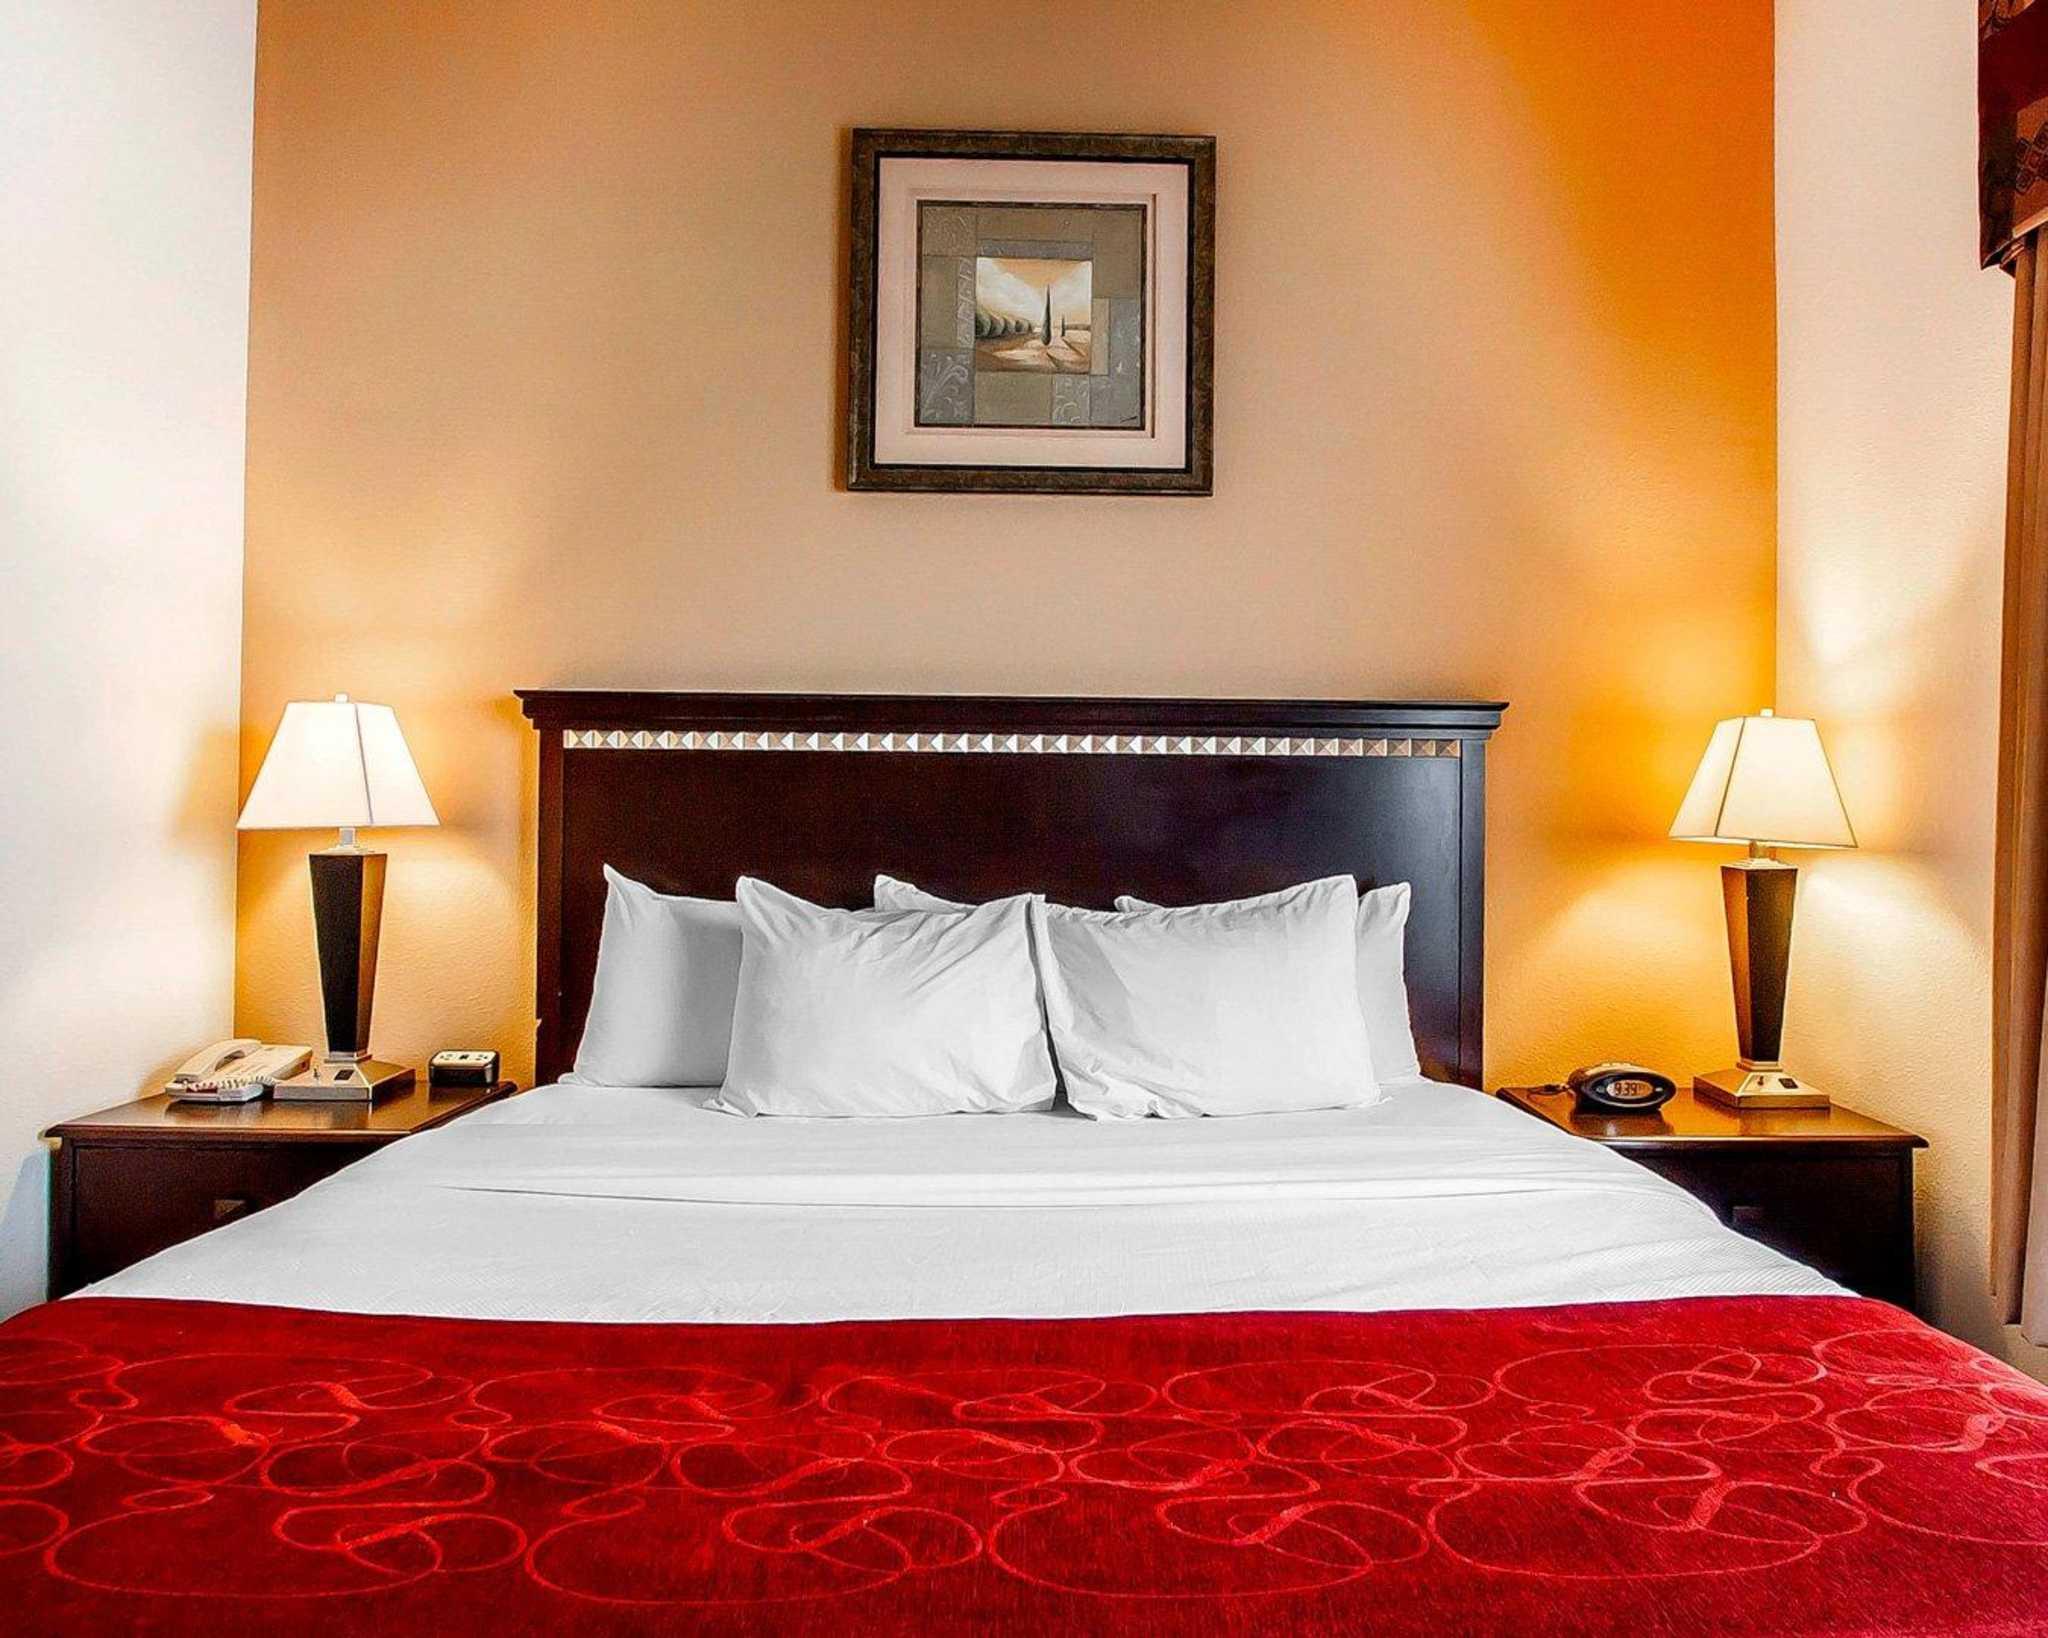 Comfort Suites Jackson-Cape Girardeau image 4